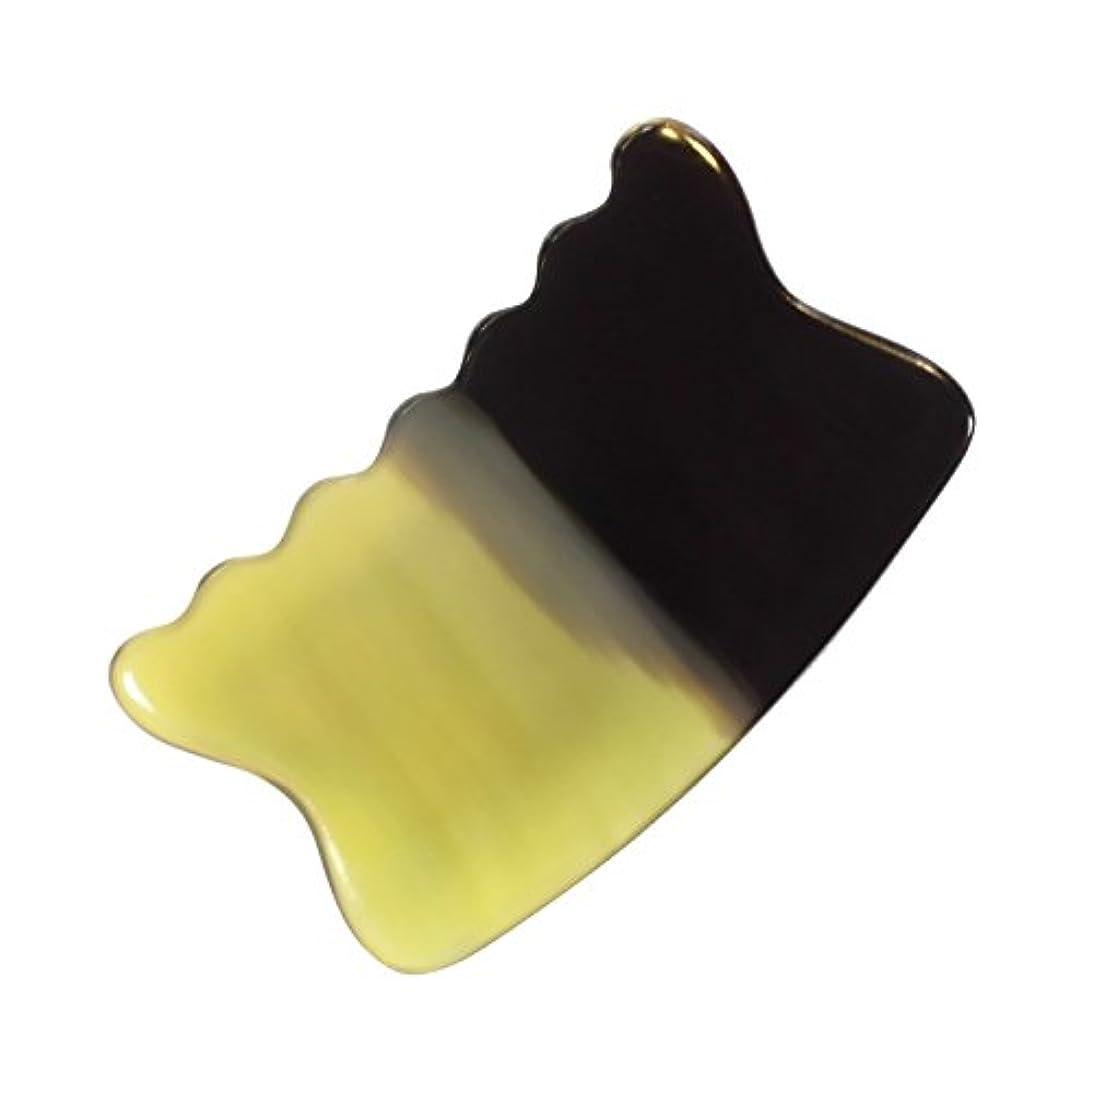 より平らな動詞修正するかっさ プレート 希少60 黄水牛角 極美品 曲波型